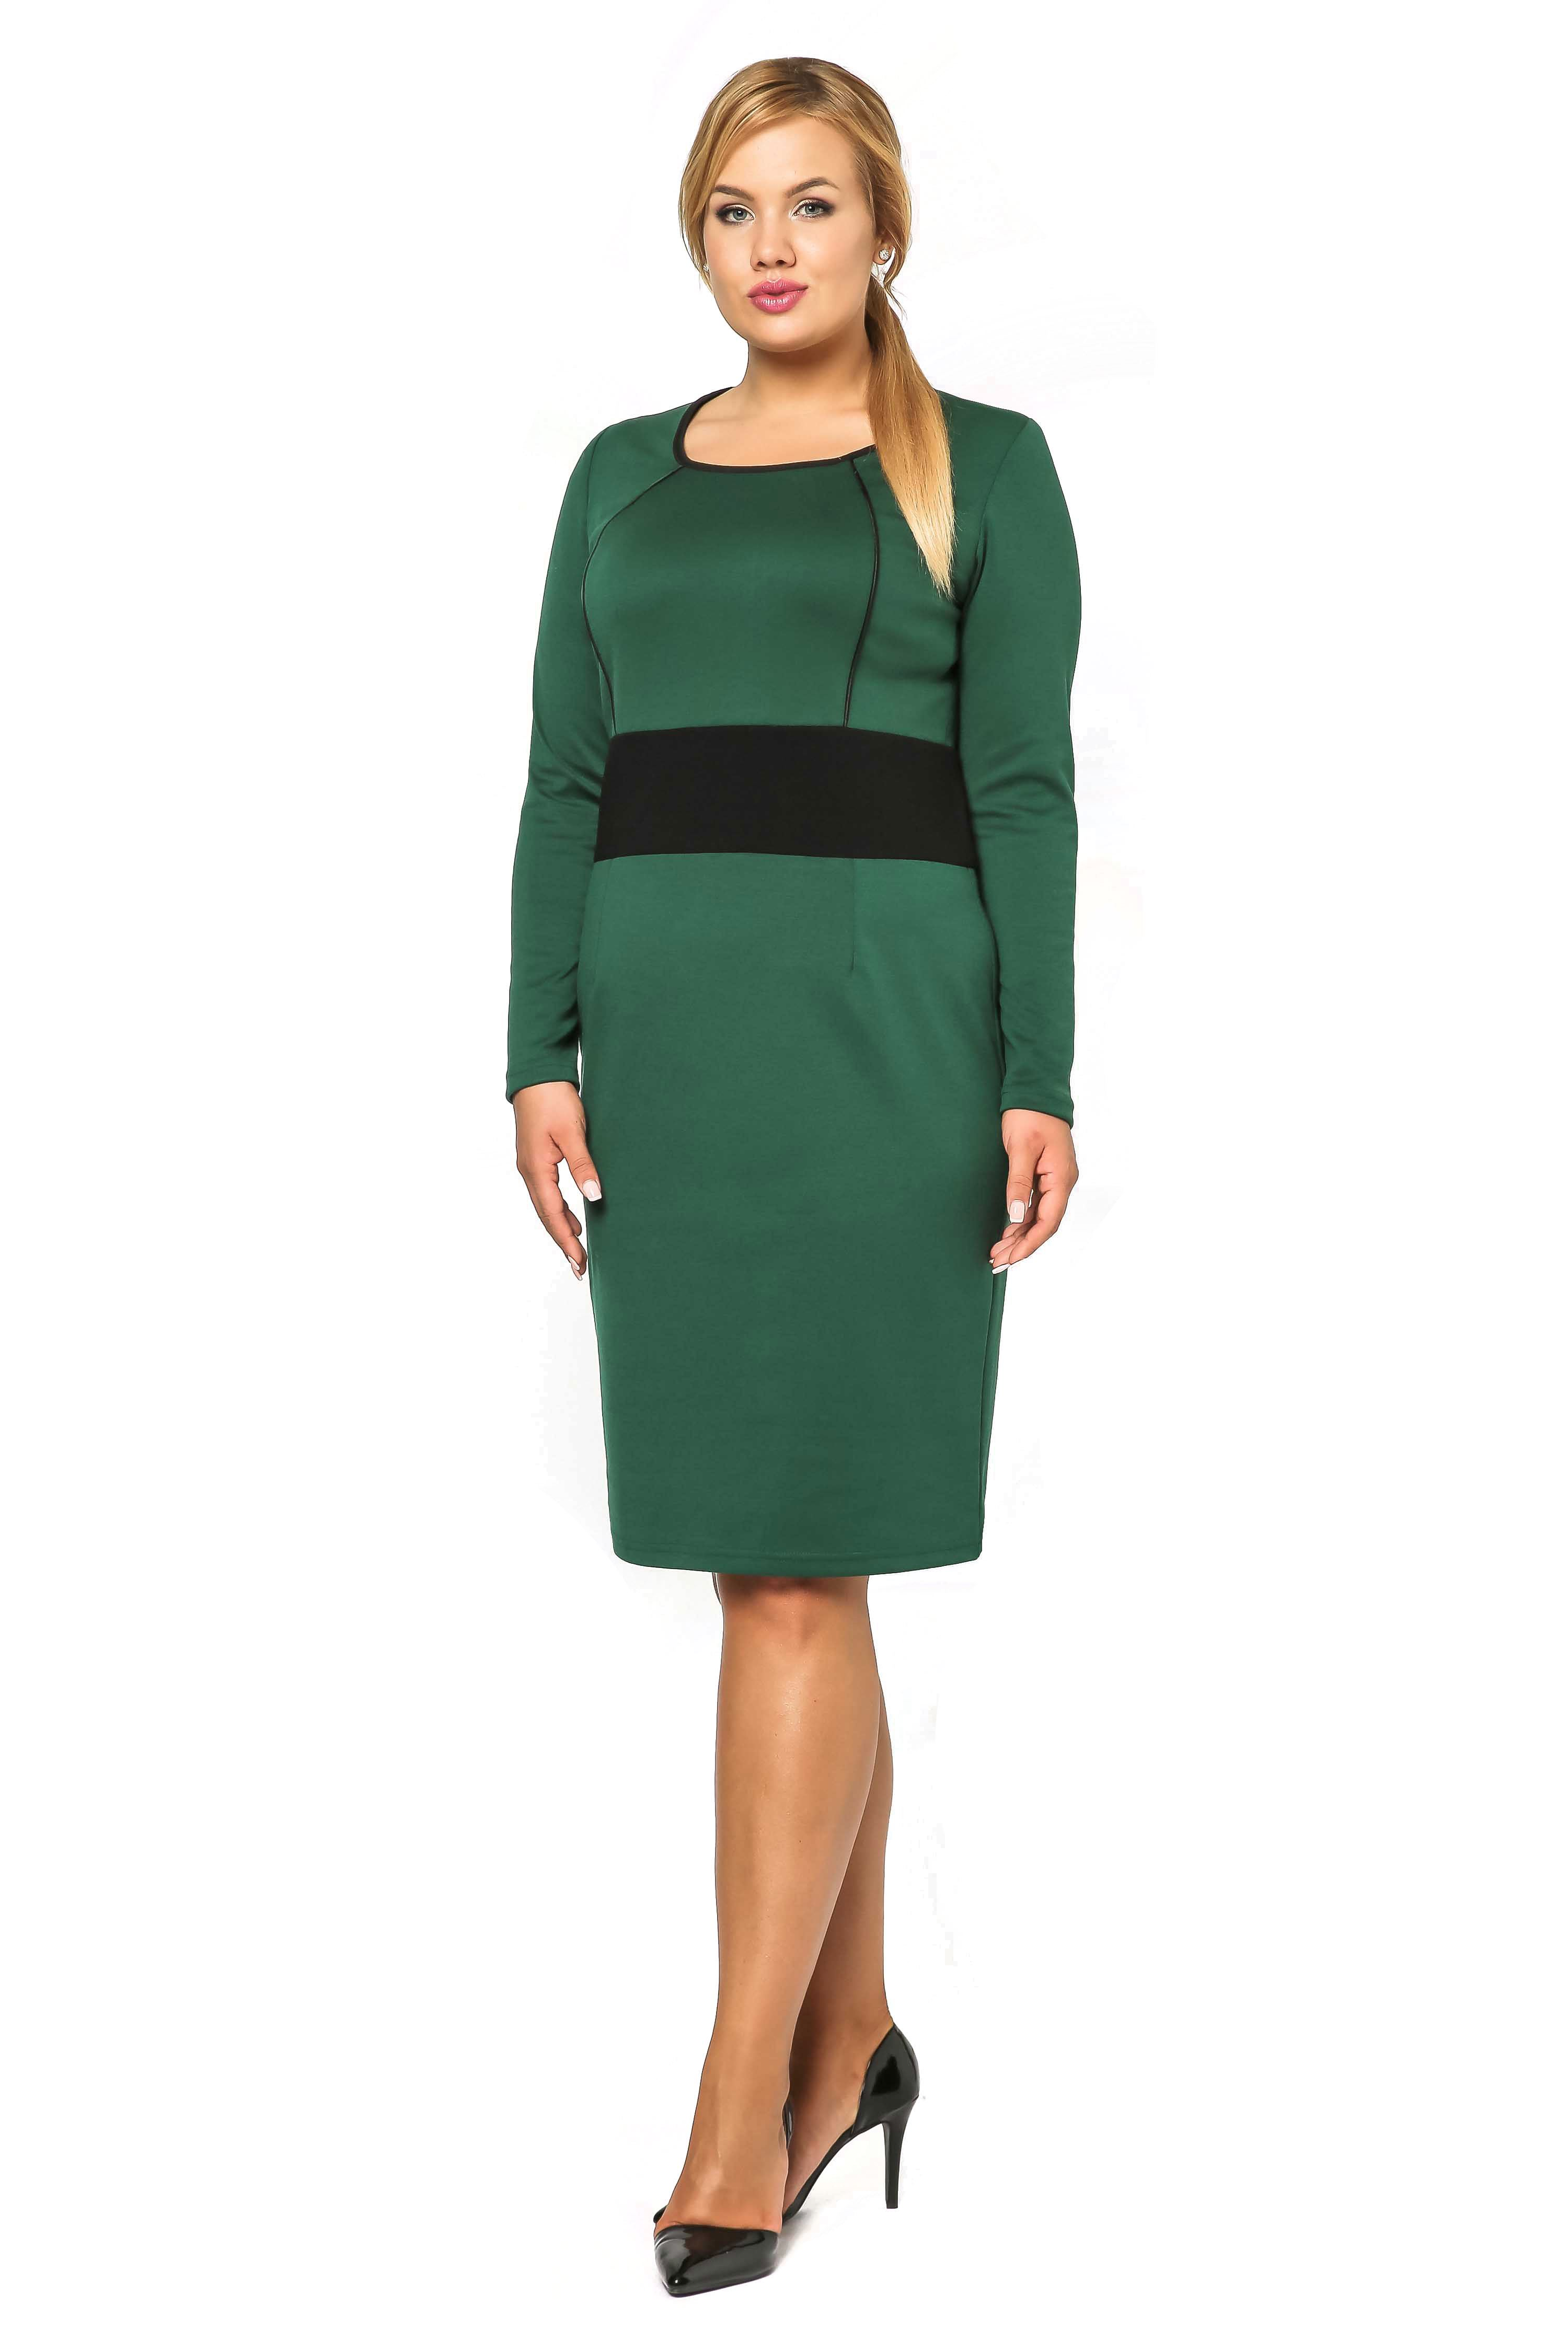 Viktoria dress in green